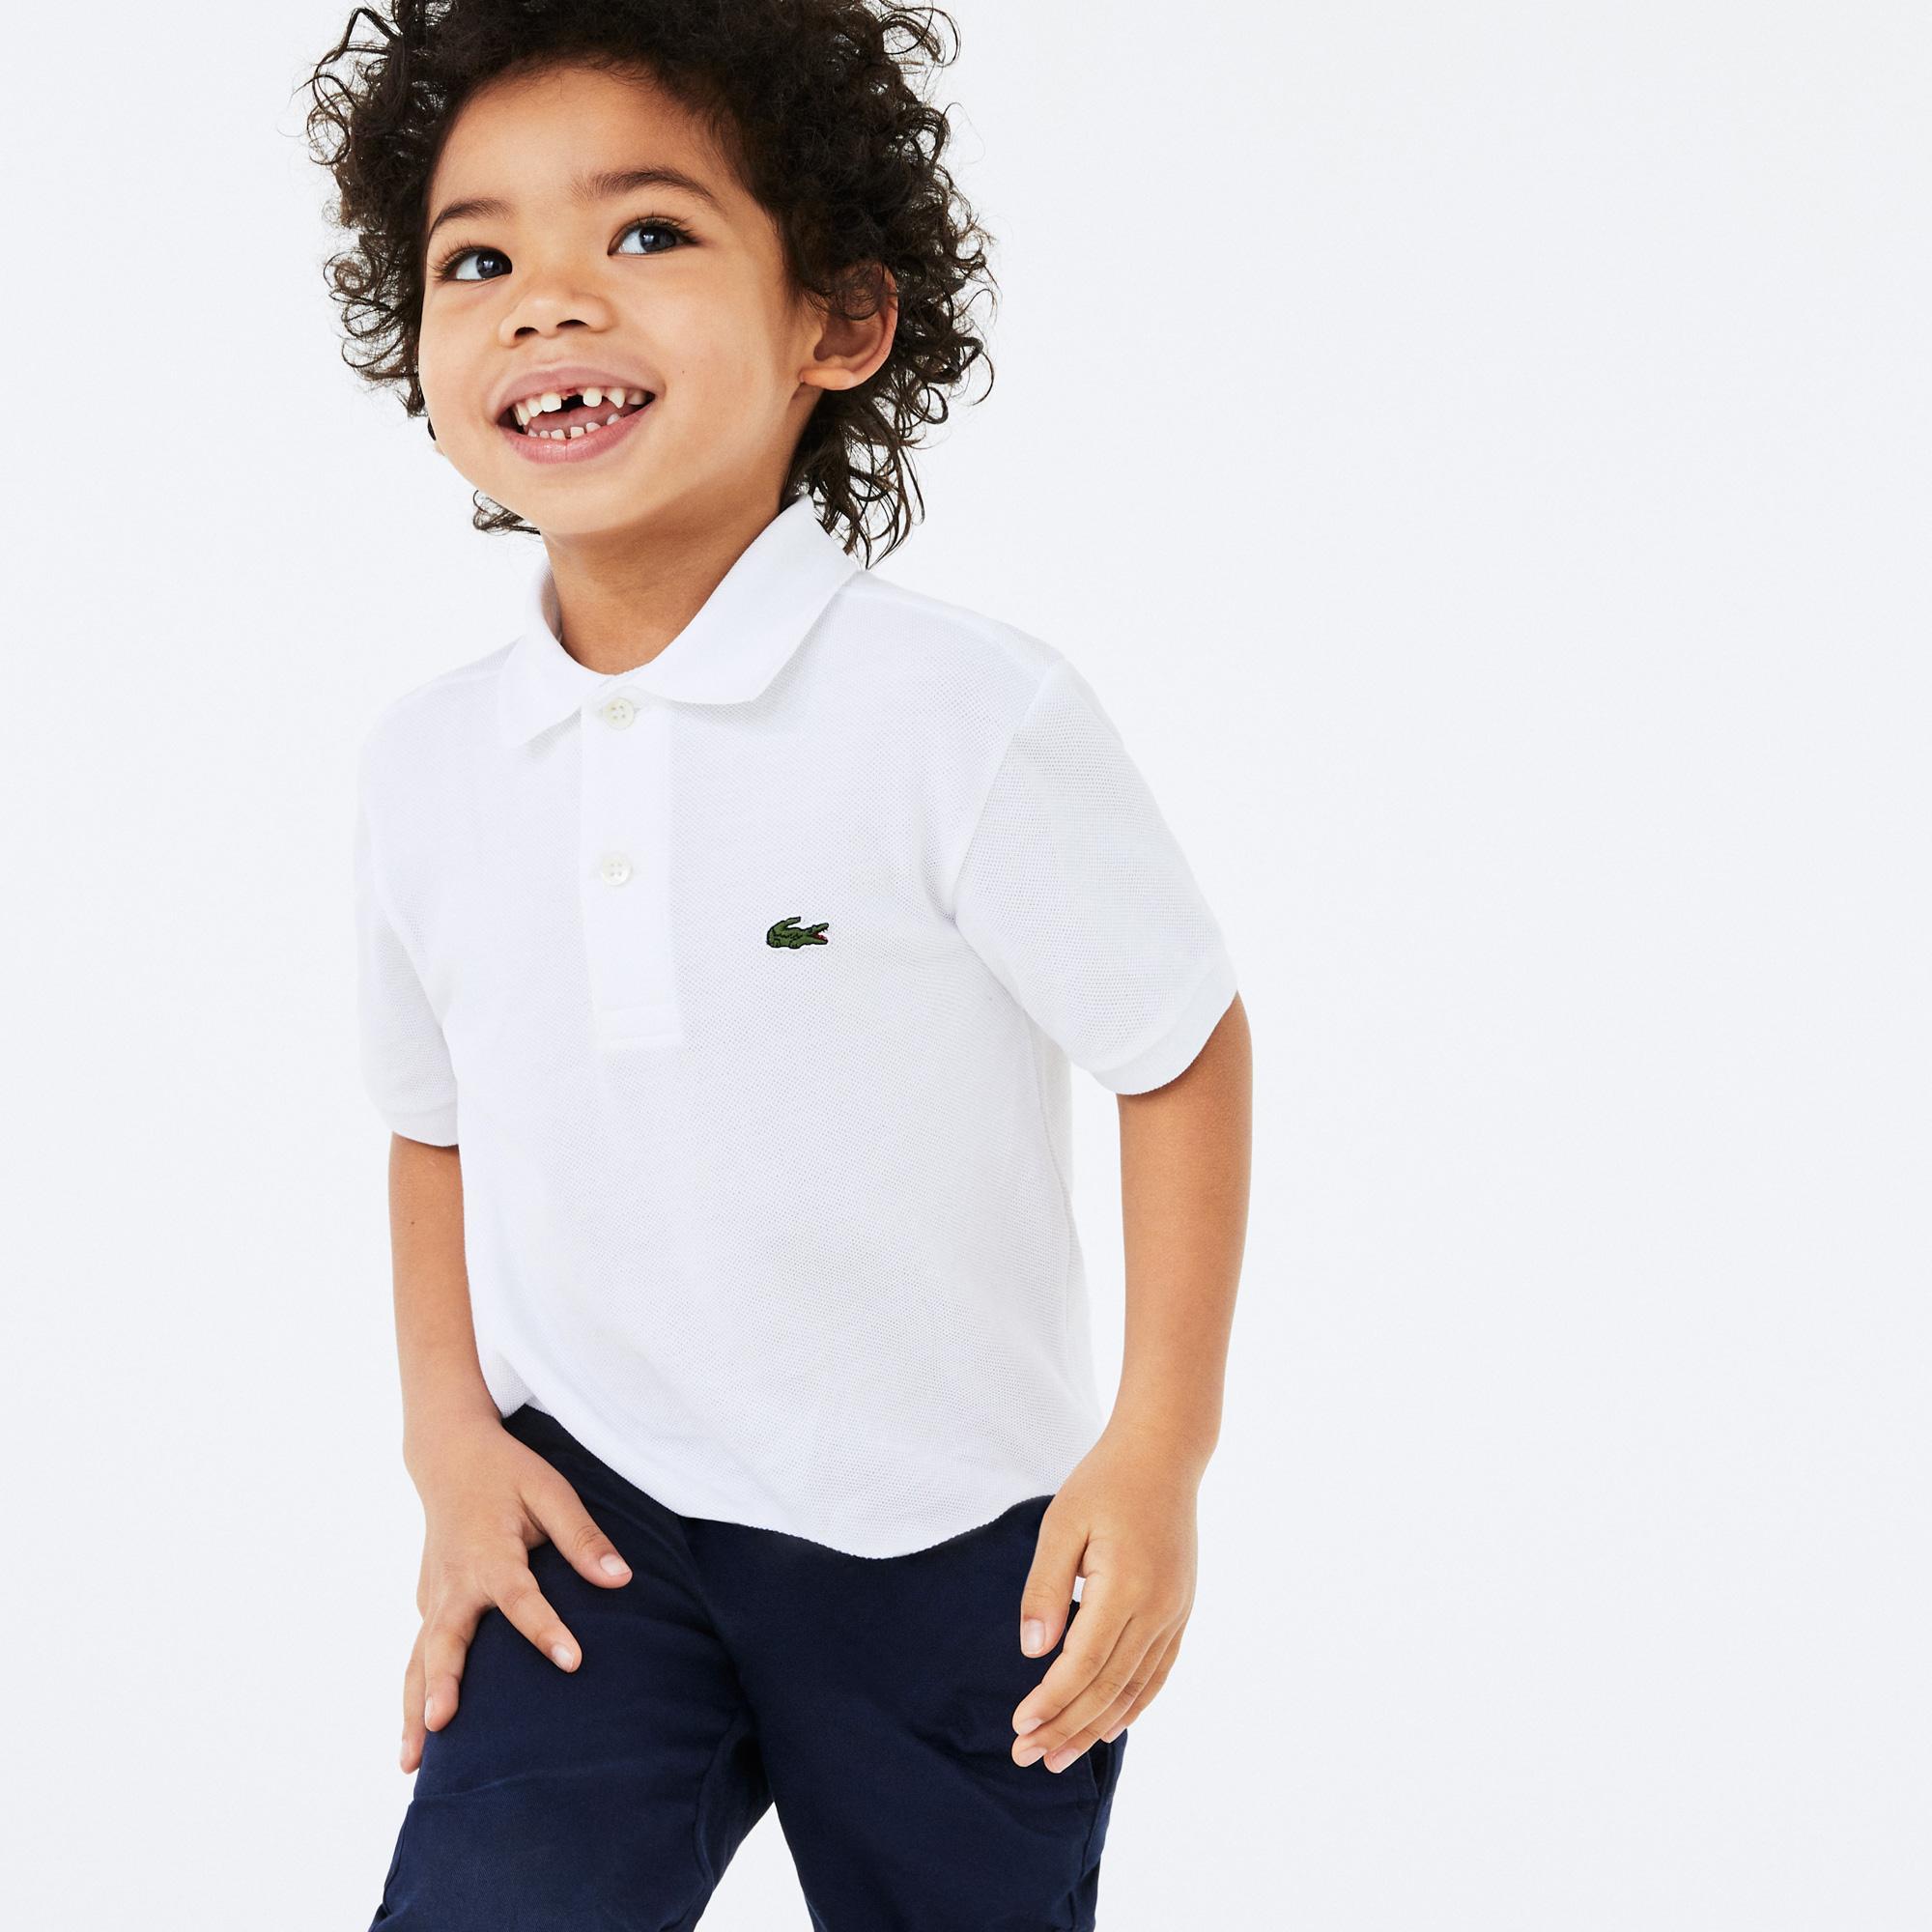 Lacoste Kids' Petit Piqué Polo